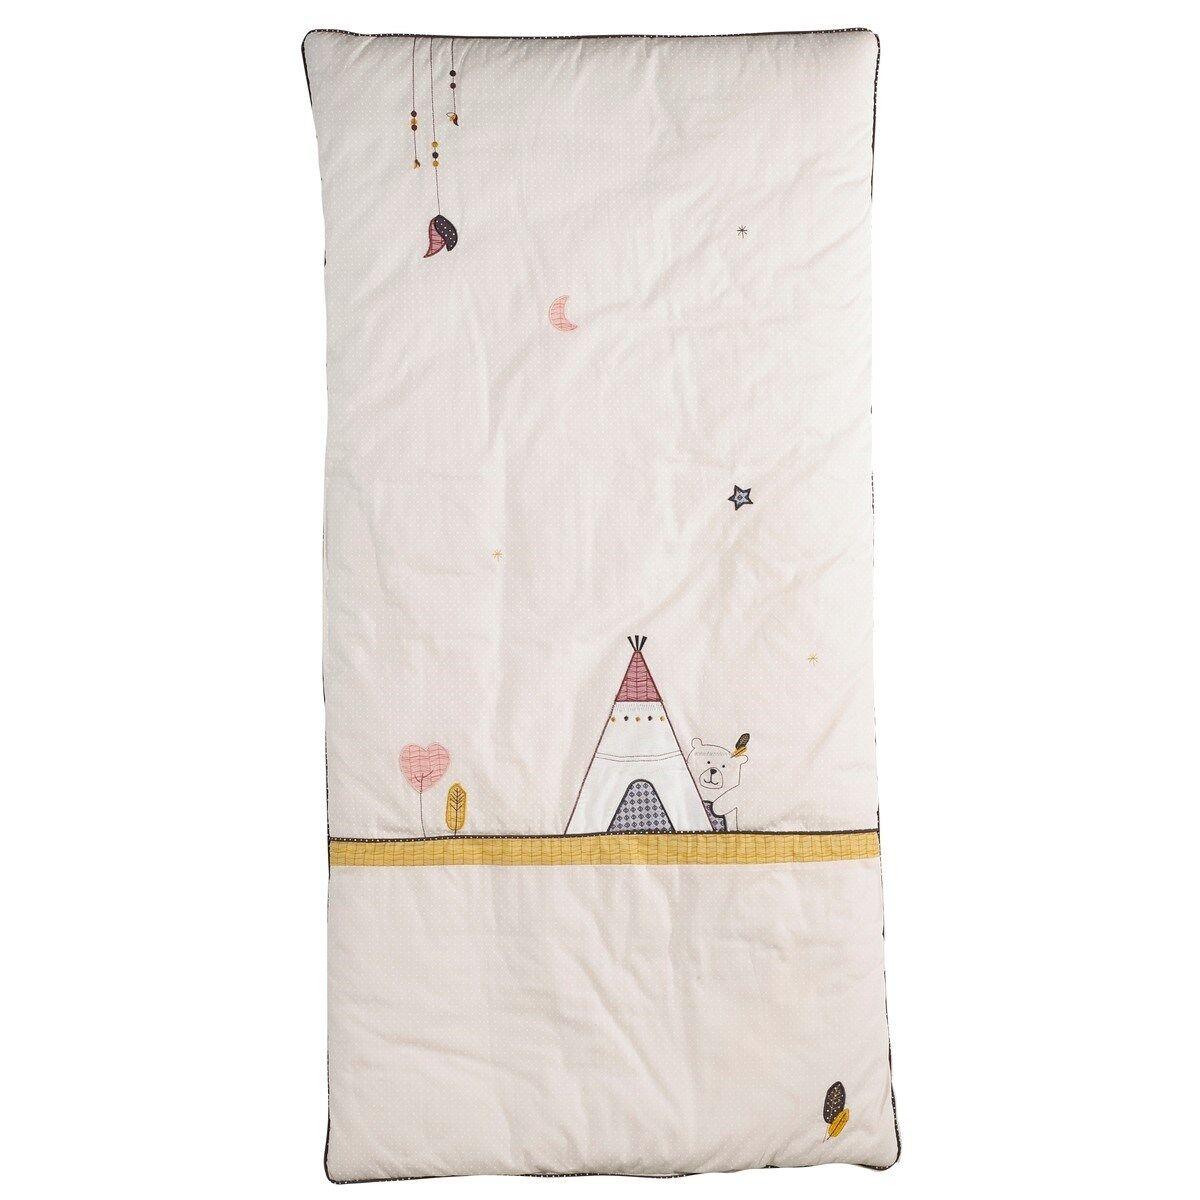 Sauthon Edredon pour lit bébé 120x60 en polyester beige